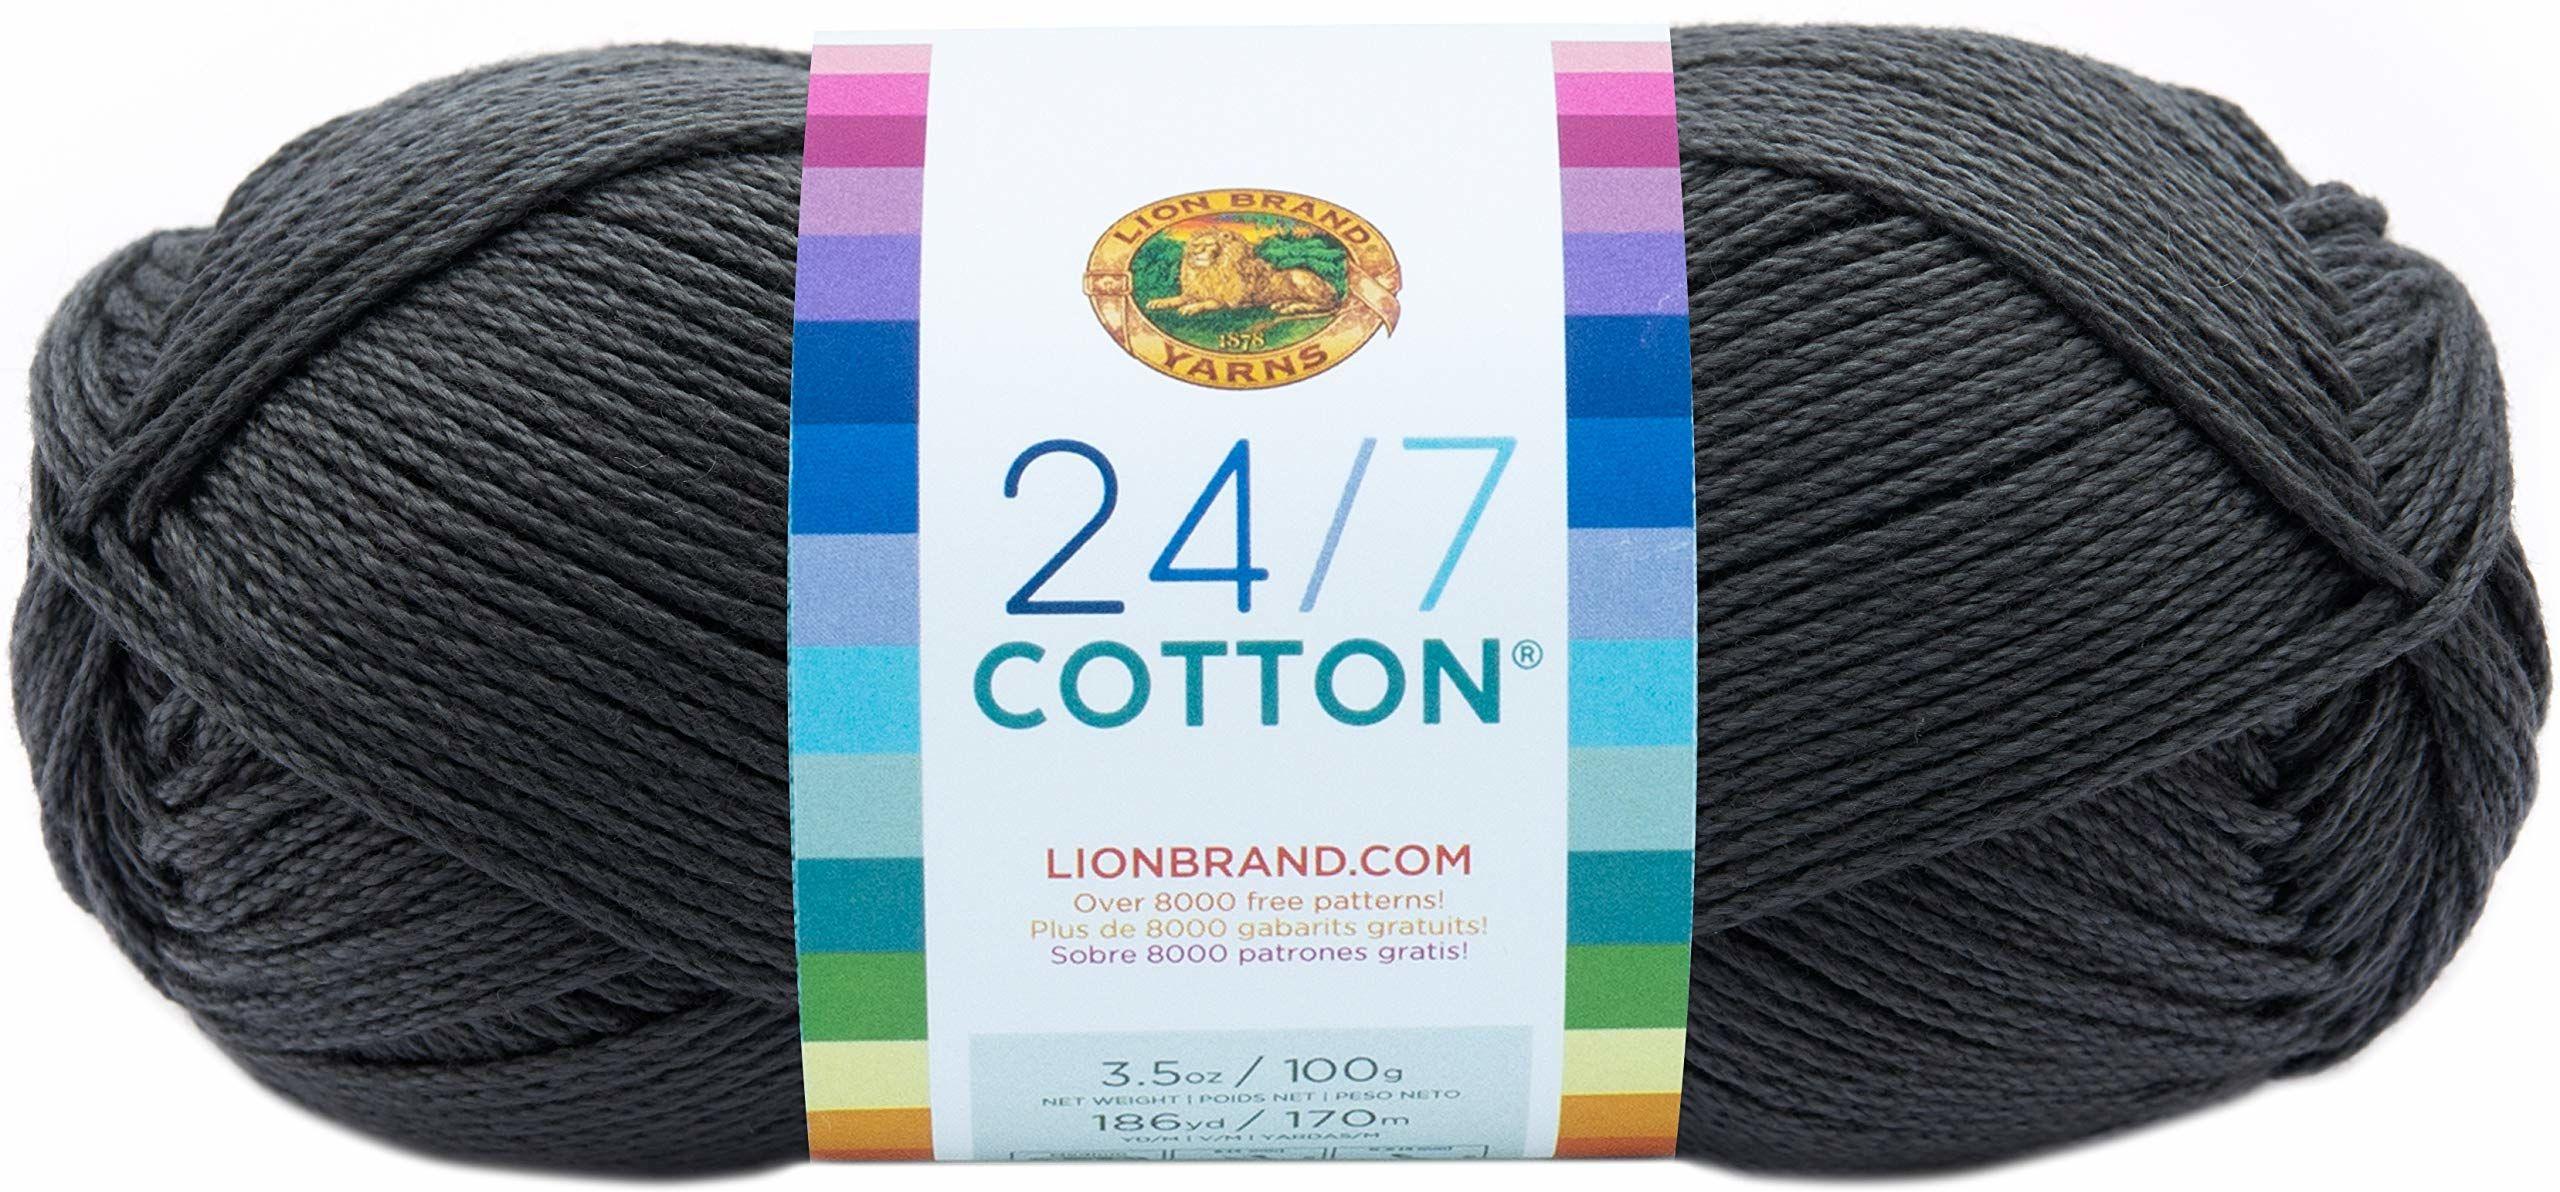 Lion Brand Yarn Company przędza bawełniana, 100% bawełna, węgiel drzewny